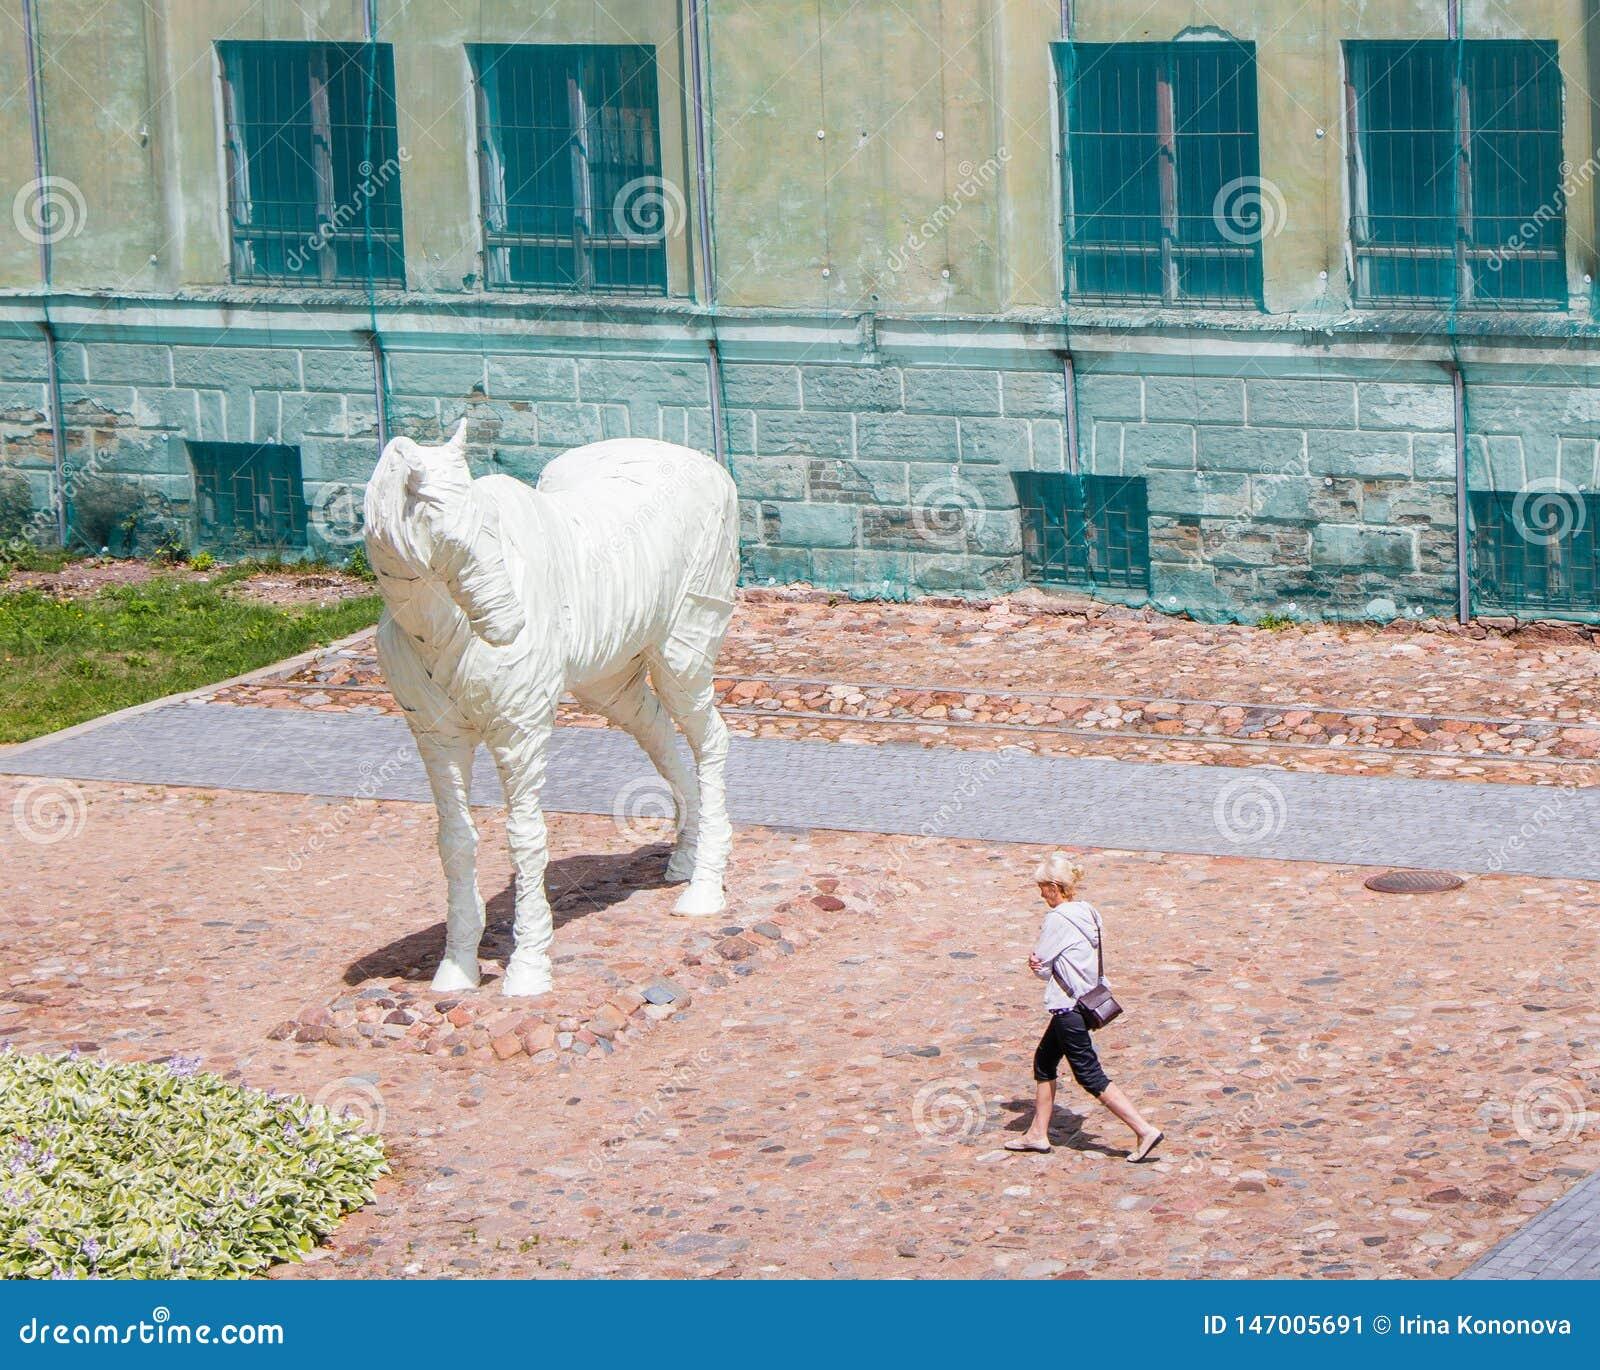 Der Geist der Dinaburg-Festung ist ein Schimmel Sie drehte ihren Kopf zum Mädchen, das vorbei überschreitet